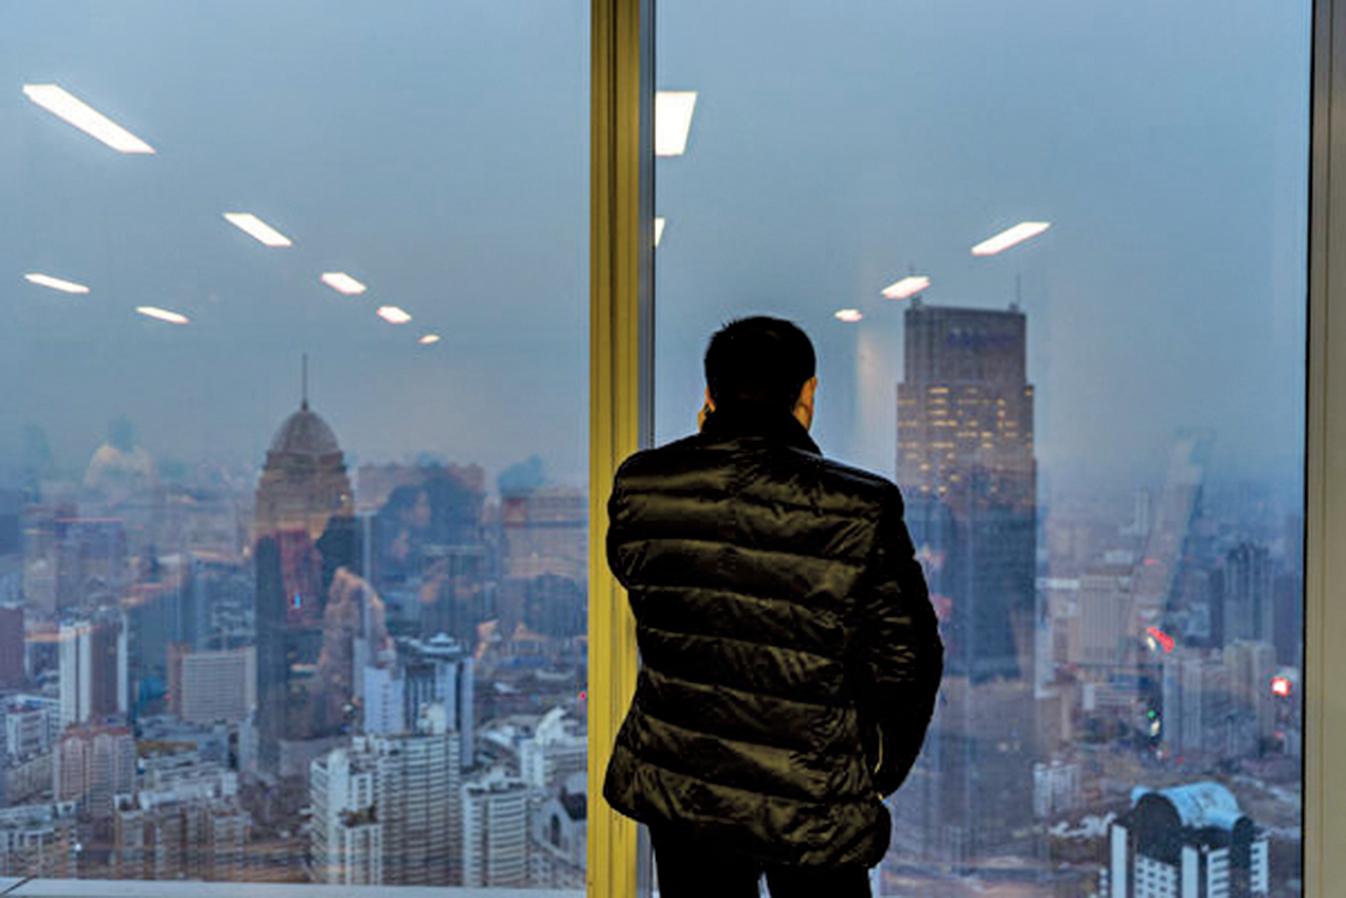 眾多互聯網公司除了裁員、降薪,換辦公室降低租金成本也成為壓縮開支的一種方式。(大紀元資料室)